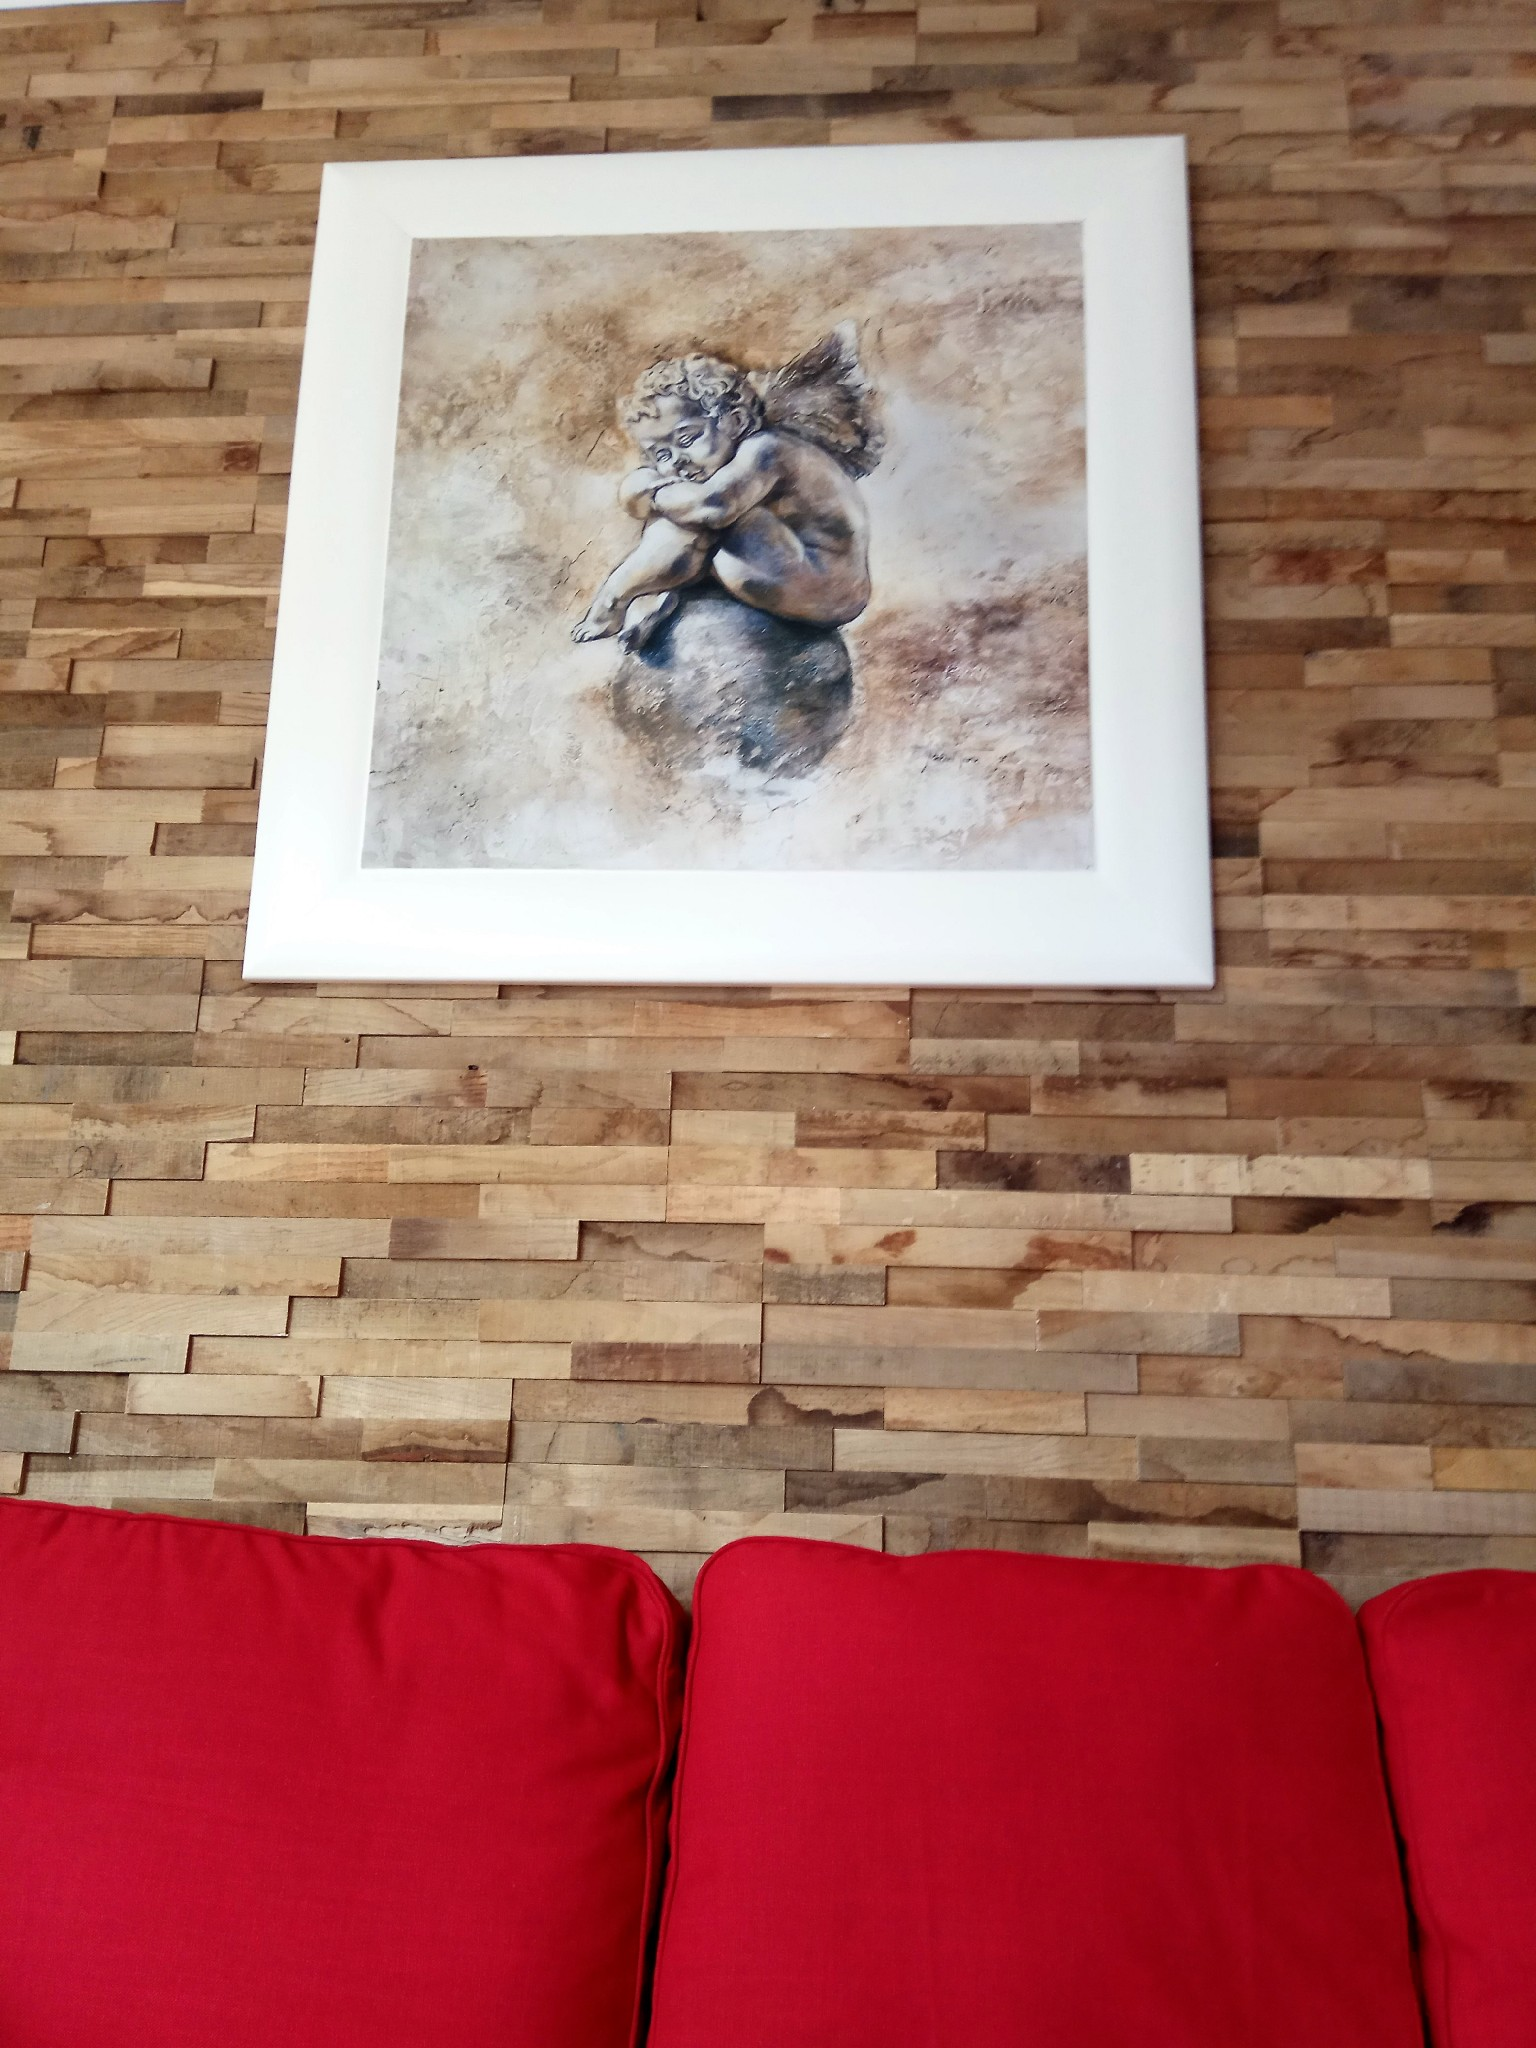 Full Size of Holzpaneele Harmony Natur Aus Eichenholz Als Wandgestaltung Natura Sofa Indirekte Beleuchtung Wohnzimmer Heizkörper Bilder Modern Vorhänge Kamin Stehleuchte Wohnzimmer Bilder Wohnzimmer Natur